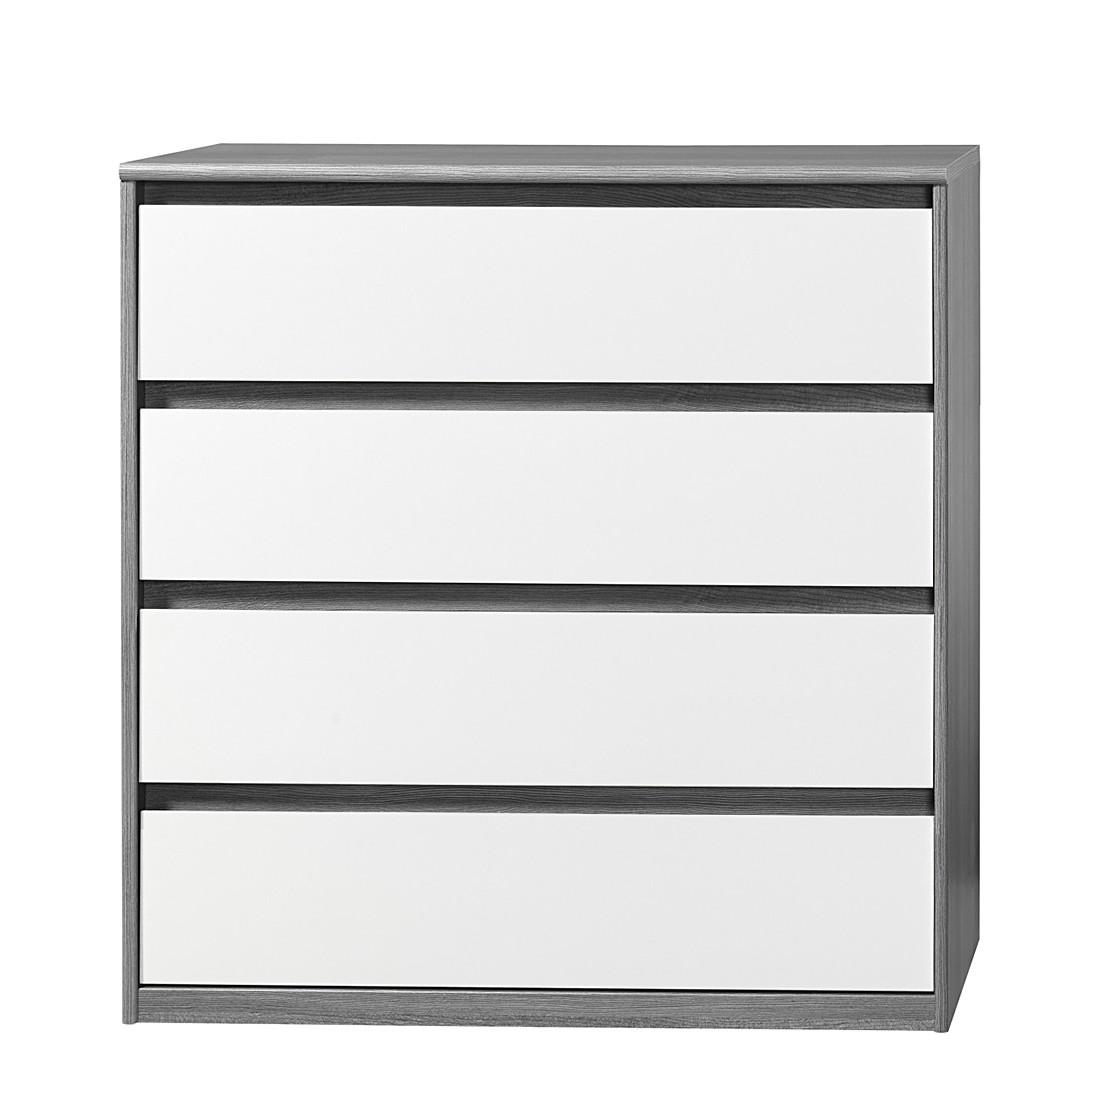 kommode soft smart iii silbereiche dekor wei cs schmal g nstig online kaufen. Black Bedroom Furniture Sets. Home Design Ideas